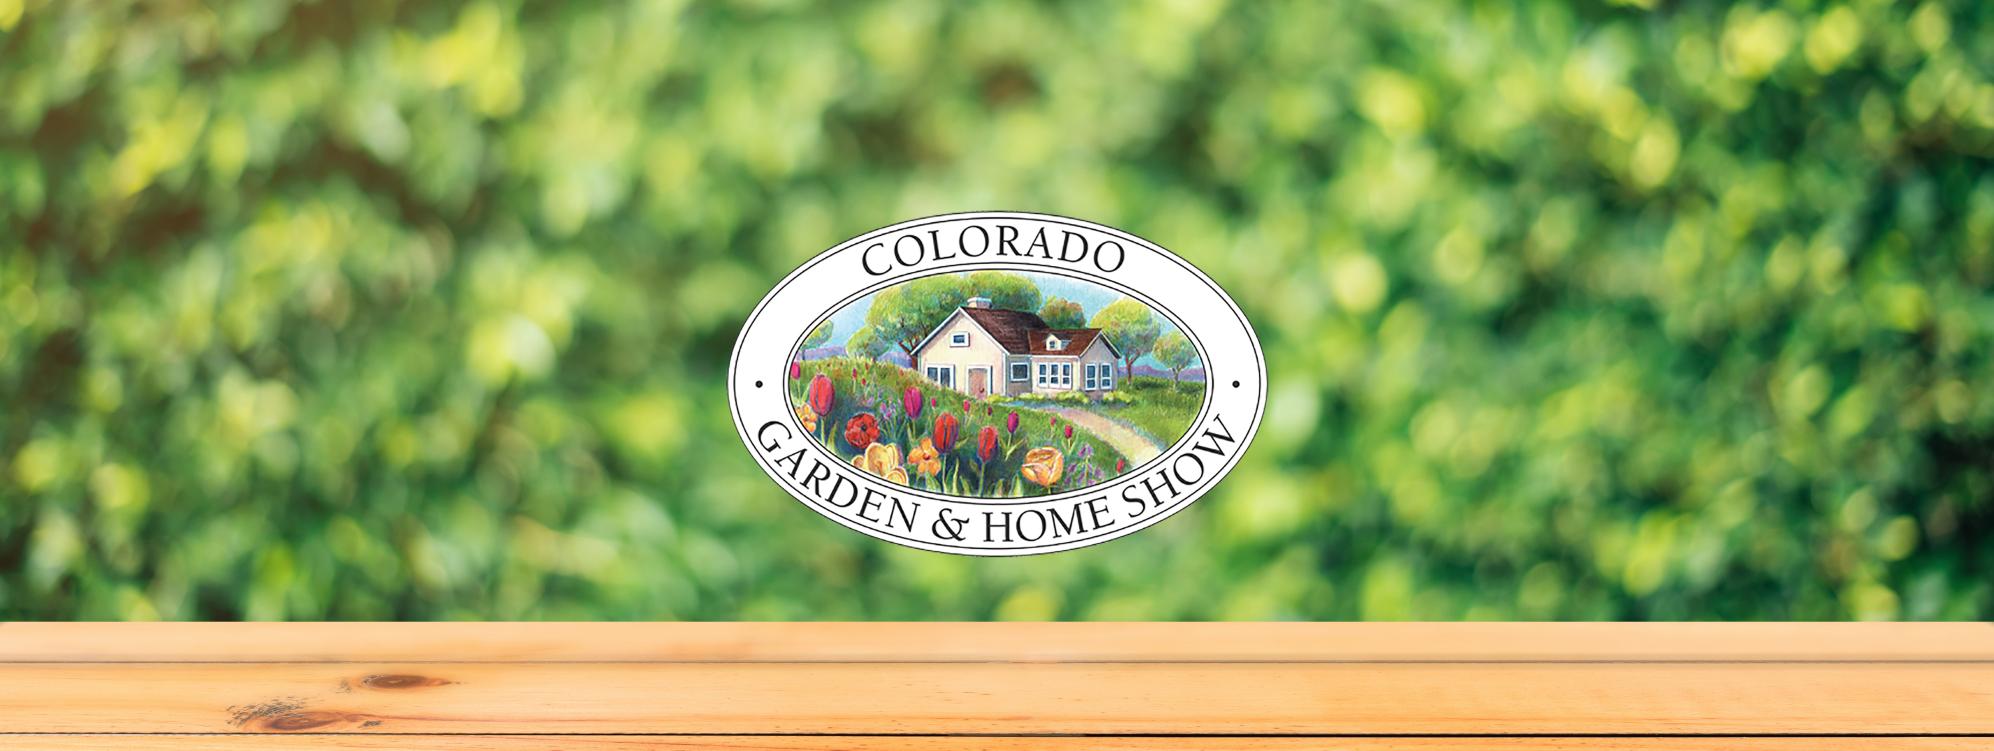 2018 Colorado Home And Garden Show